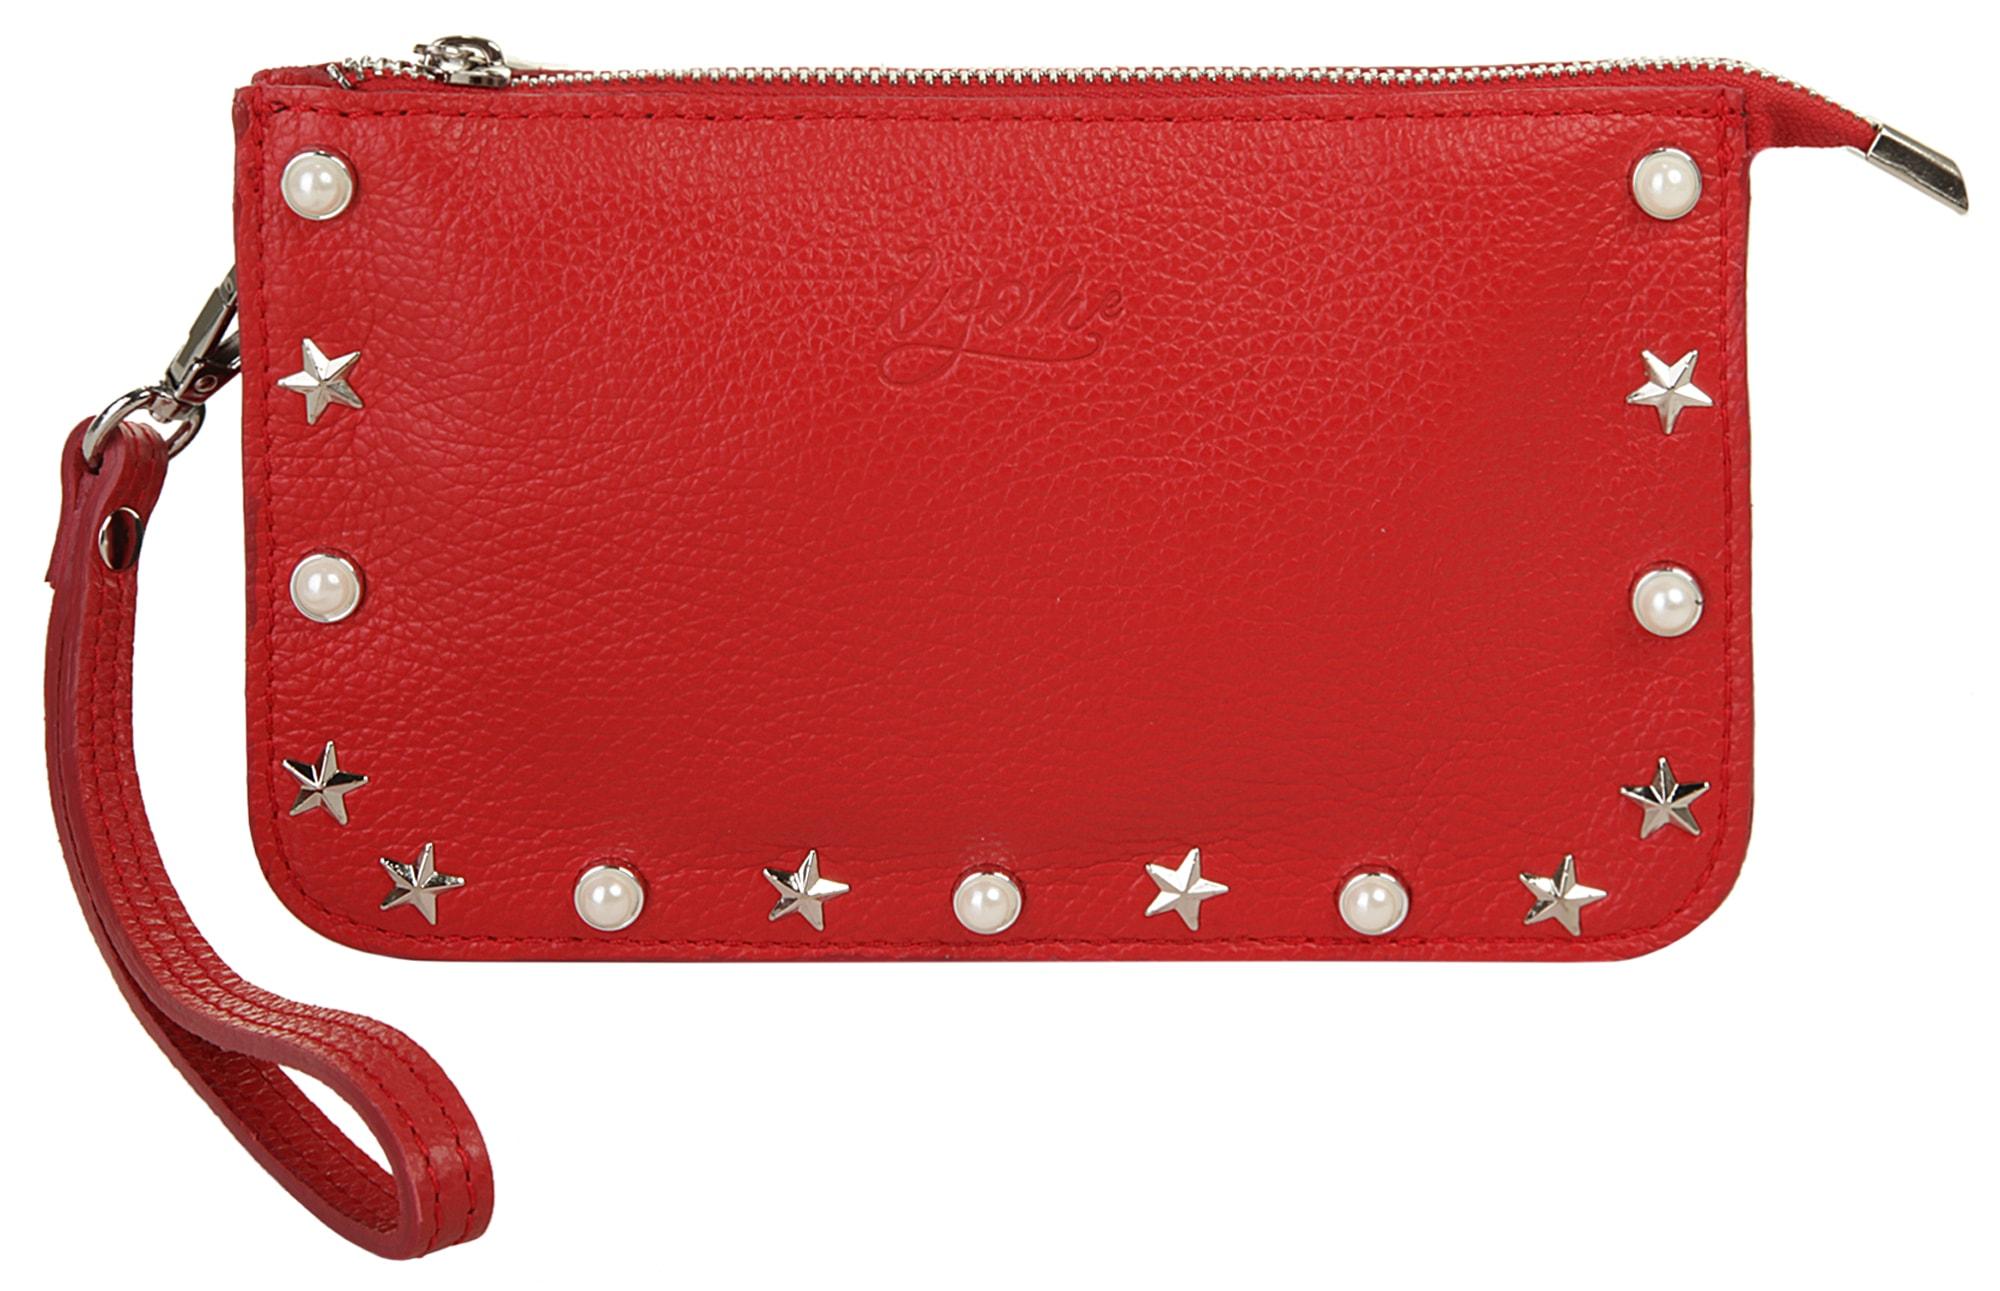 X-Zone Abendtasche | Taschen > Handtaschen > Abendtaschen | Rot | Leder | X-Zone